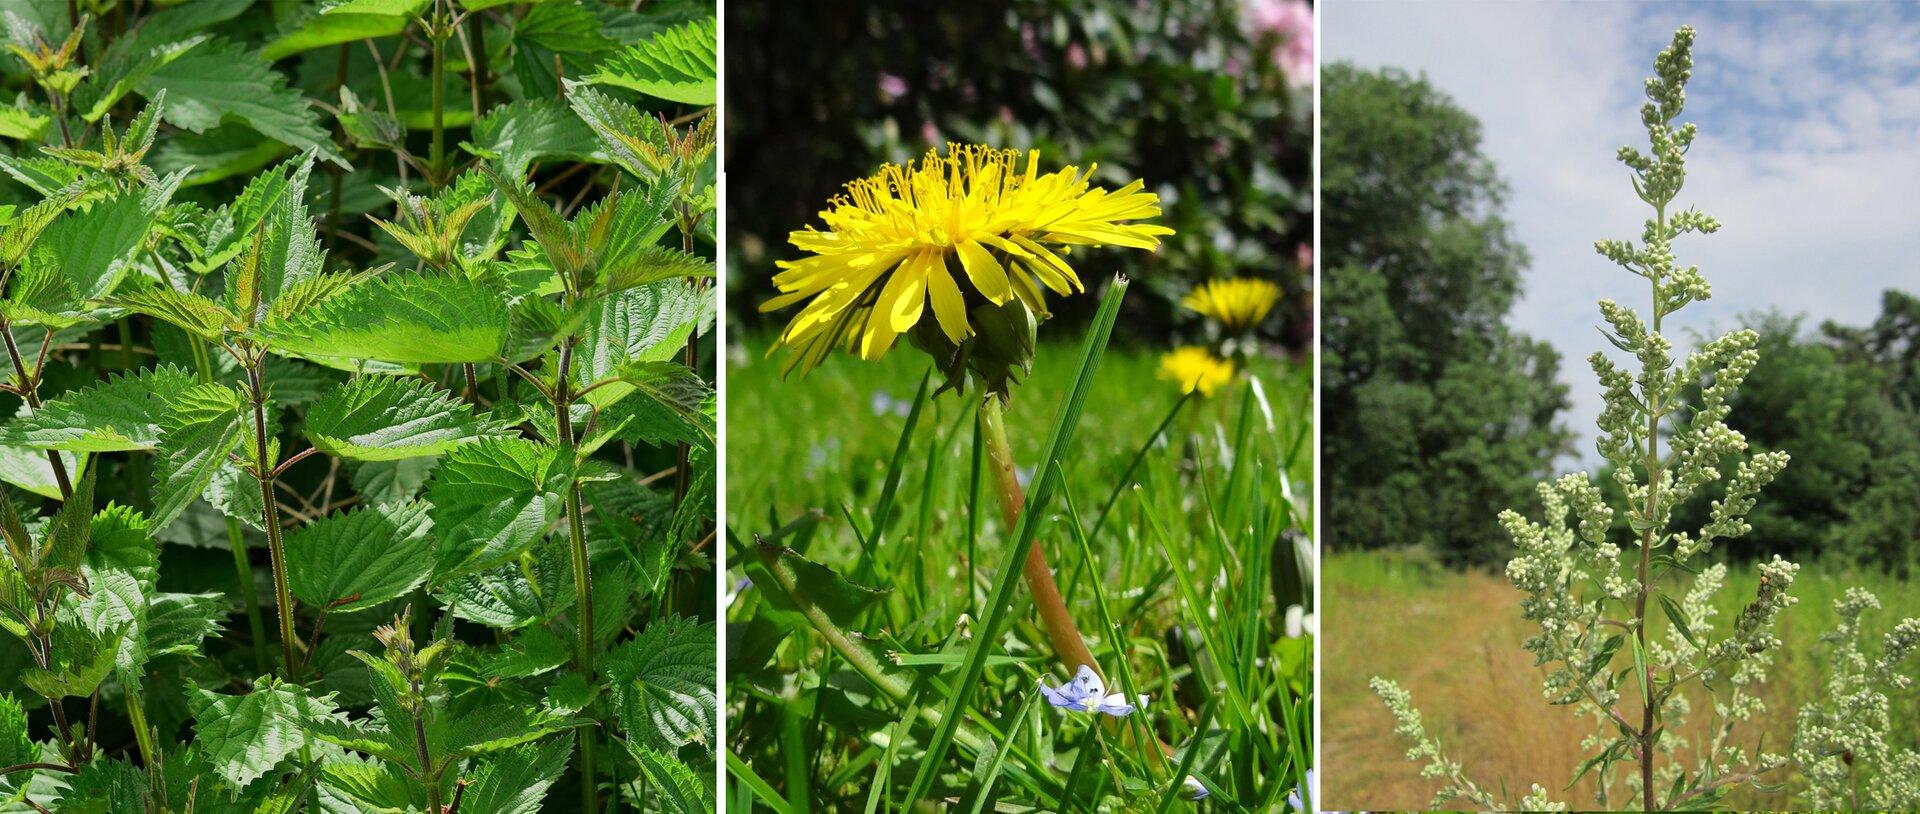 trzeci kadr galerii Ilustracja składa się ztrzech zdjęć przedstawiających trzy różne rodzaje roślin wskaźnikowych. Po lewej stronie gęste zielone krzaki pokrzyw, pośrodku zbliżenie kwiatu mniszka, czyli mlecza, apo prawej jasnozielony krzew bylicy na tle łąki pod lasem iniebieskiego nieba.